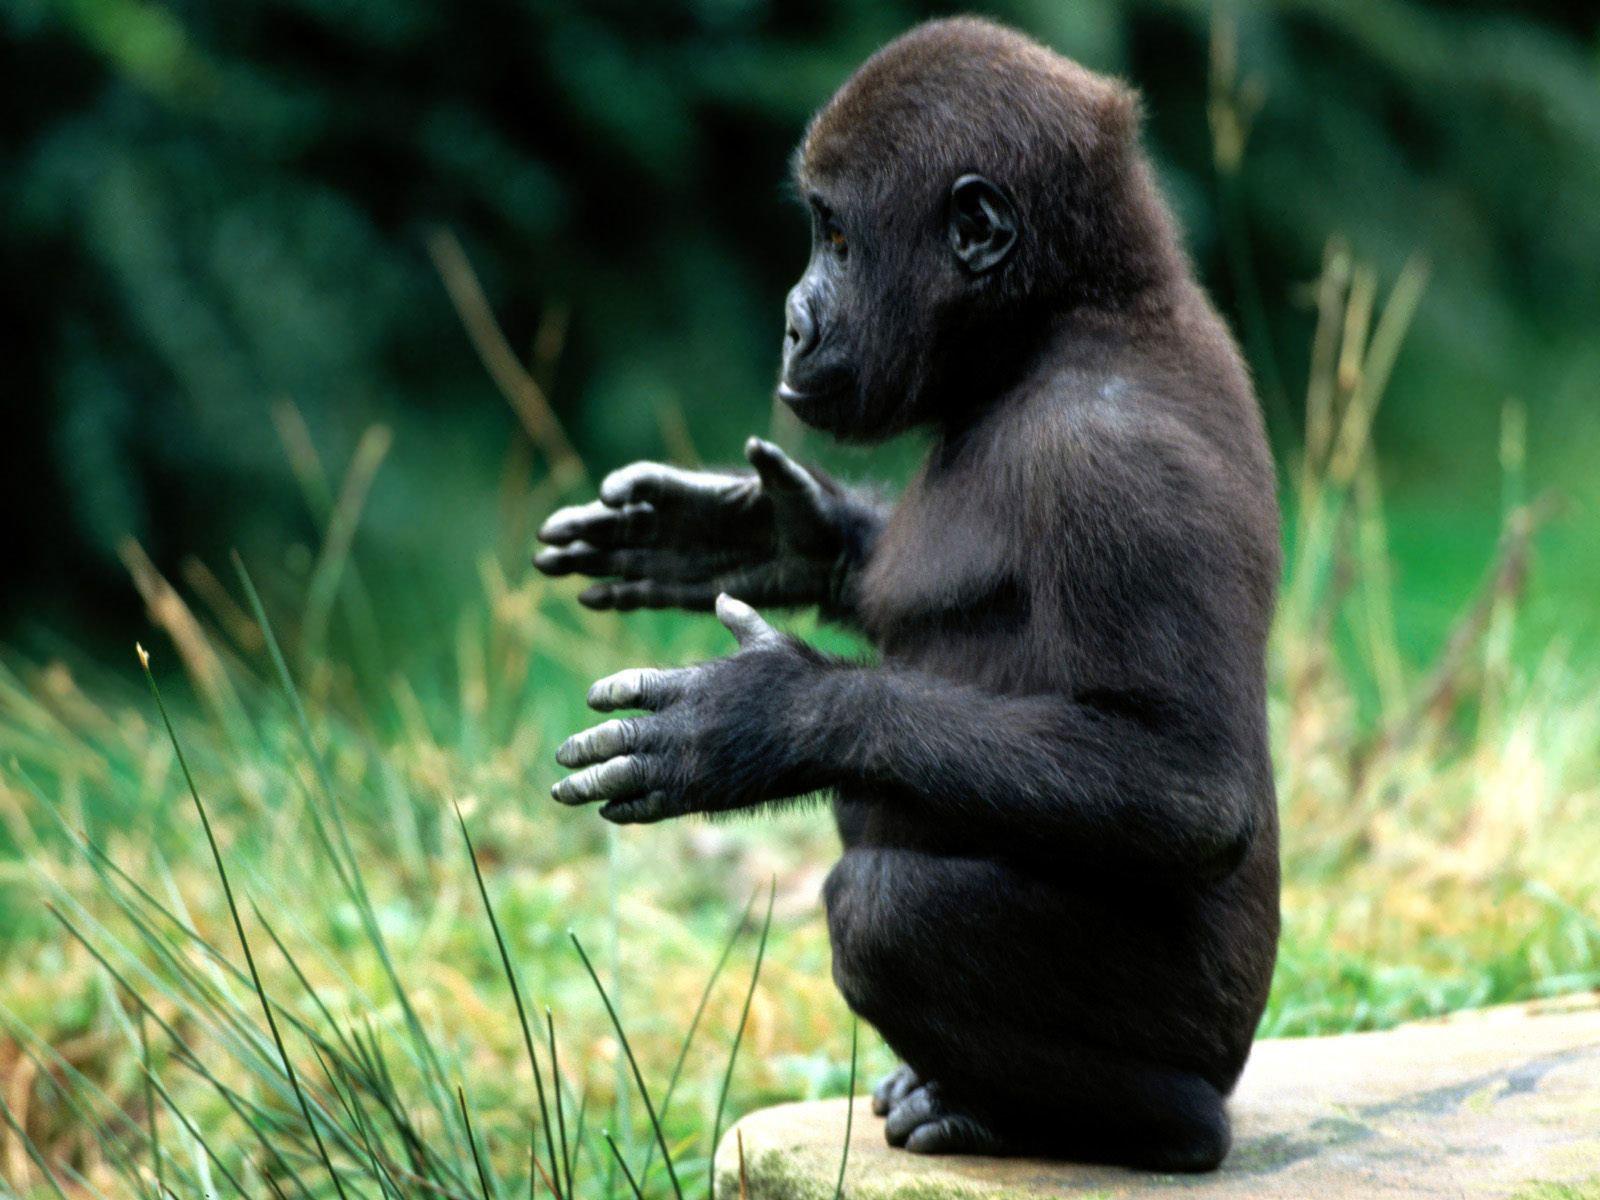 Смешные картинки с обезьянами фото с надписями, днем